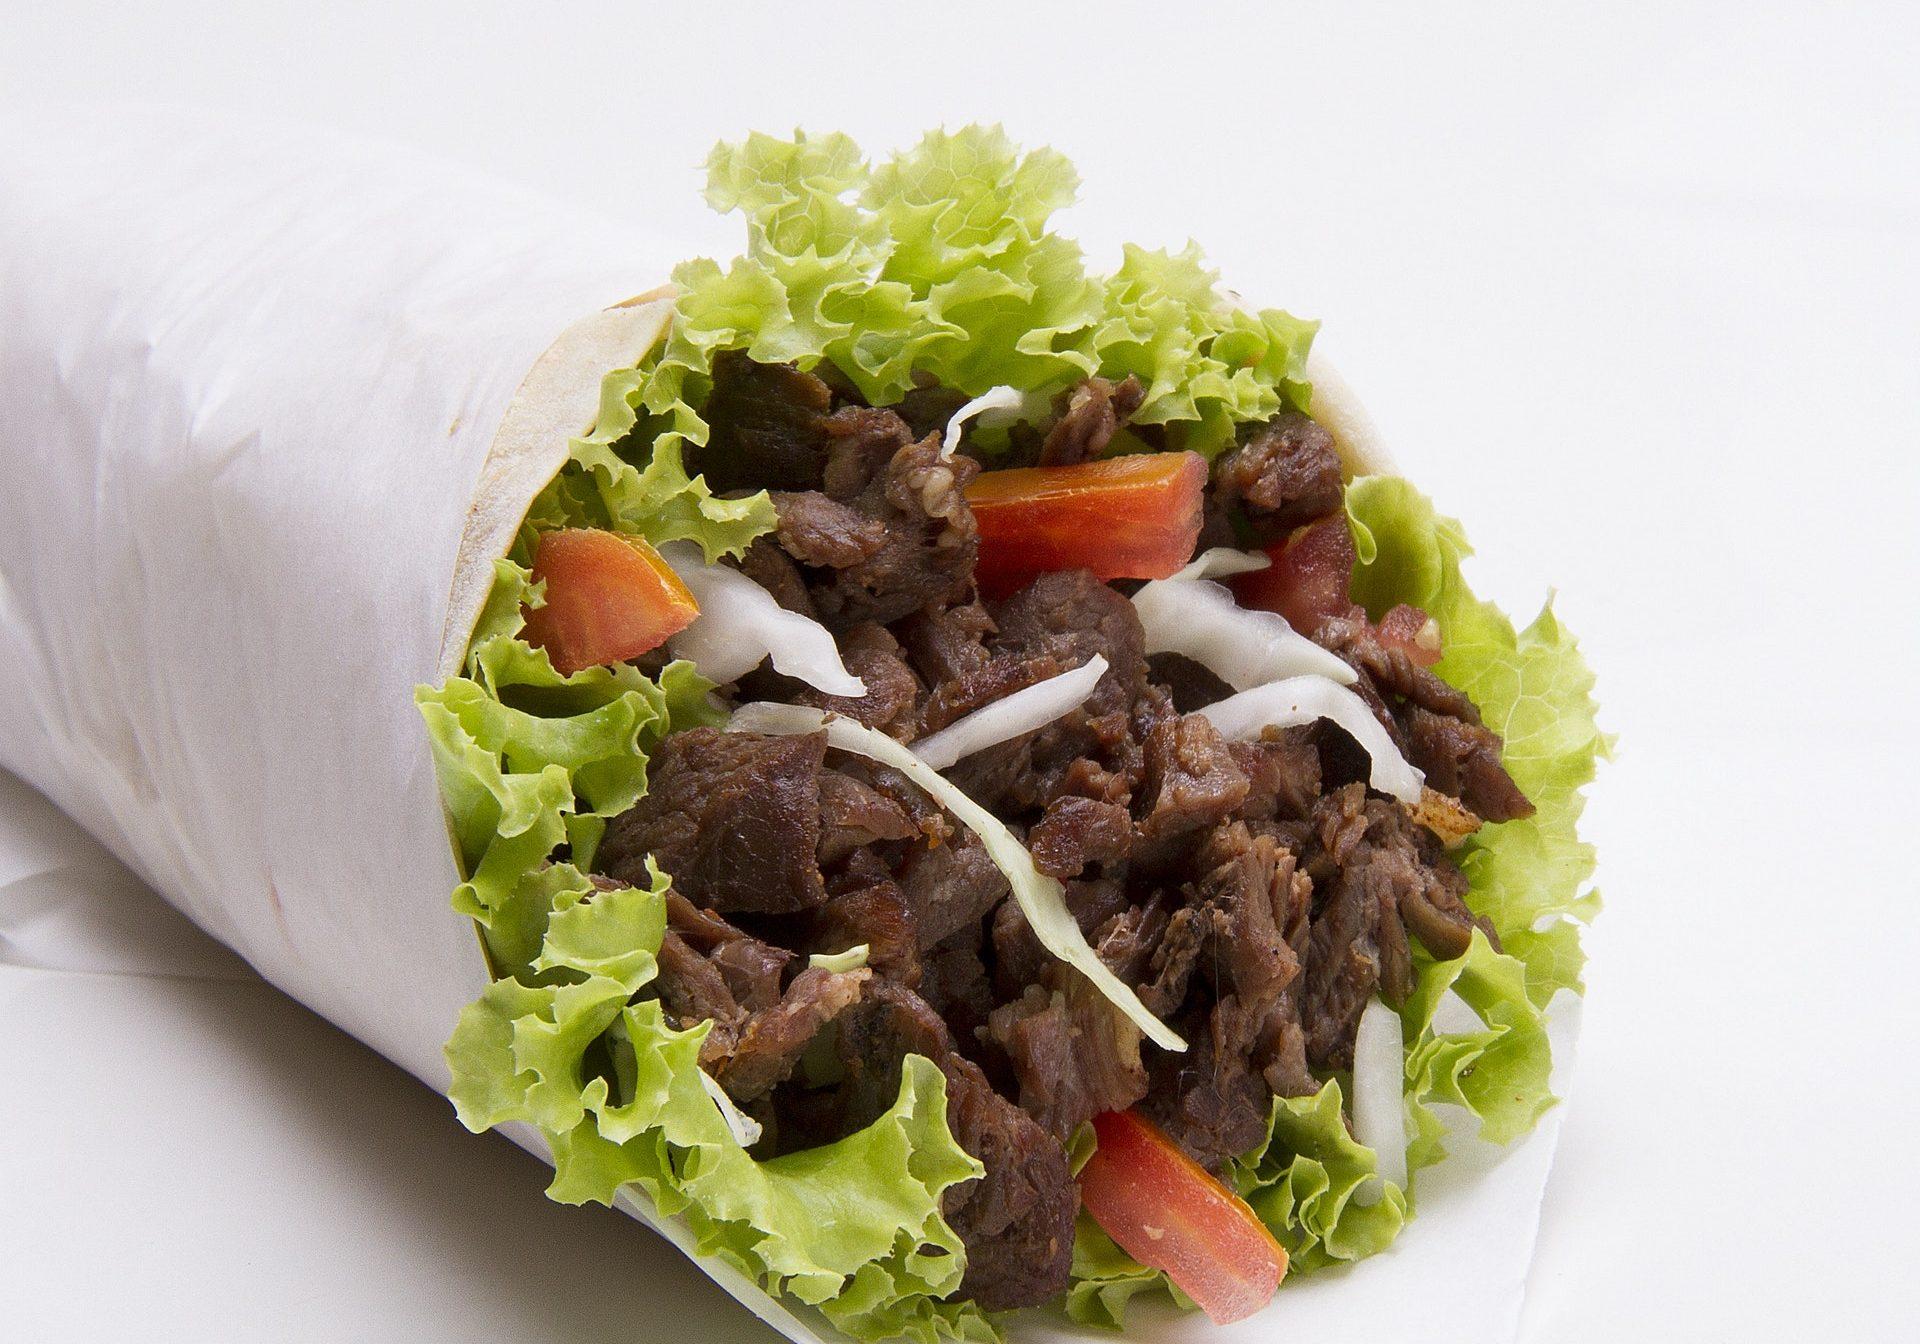 beef-burrito-cuisine-delicious-327168